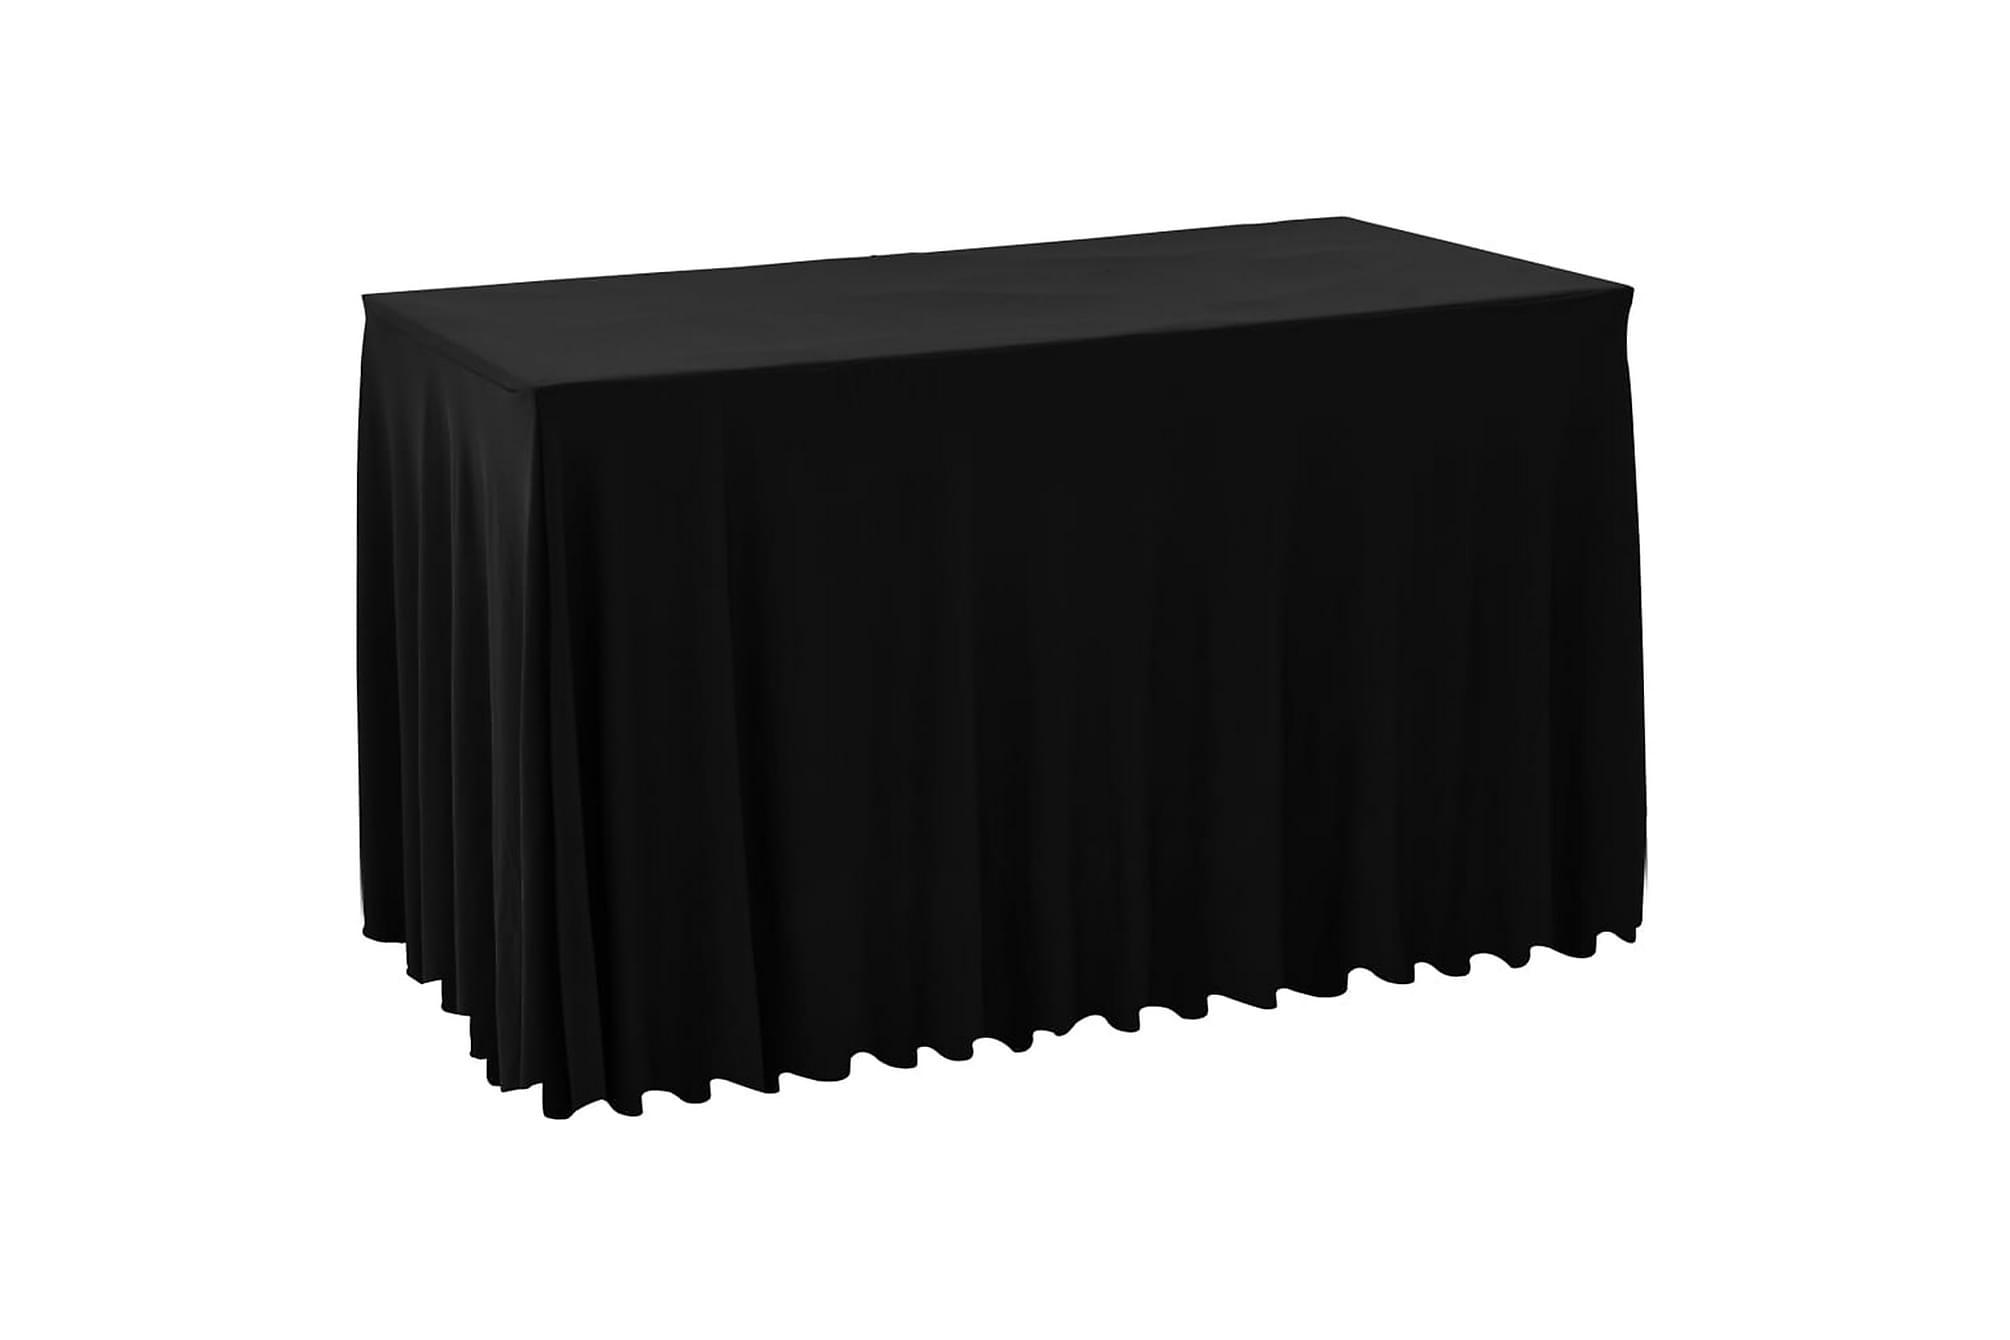 Bordsöverdrag 2 st stretch golvlångt svart 120×60,5×74 cm